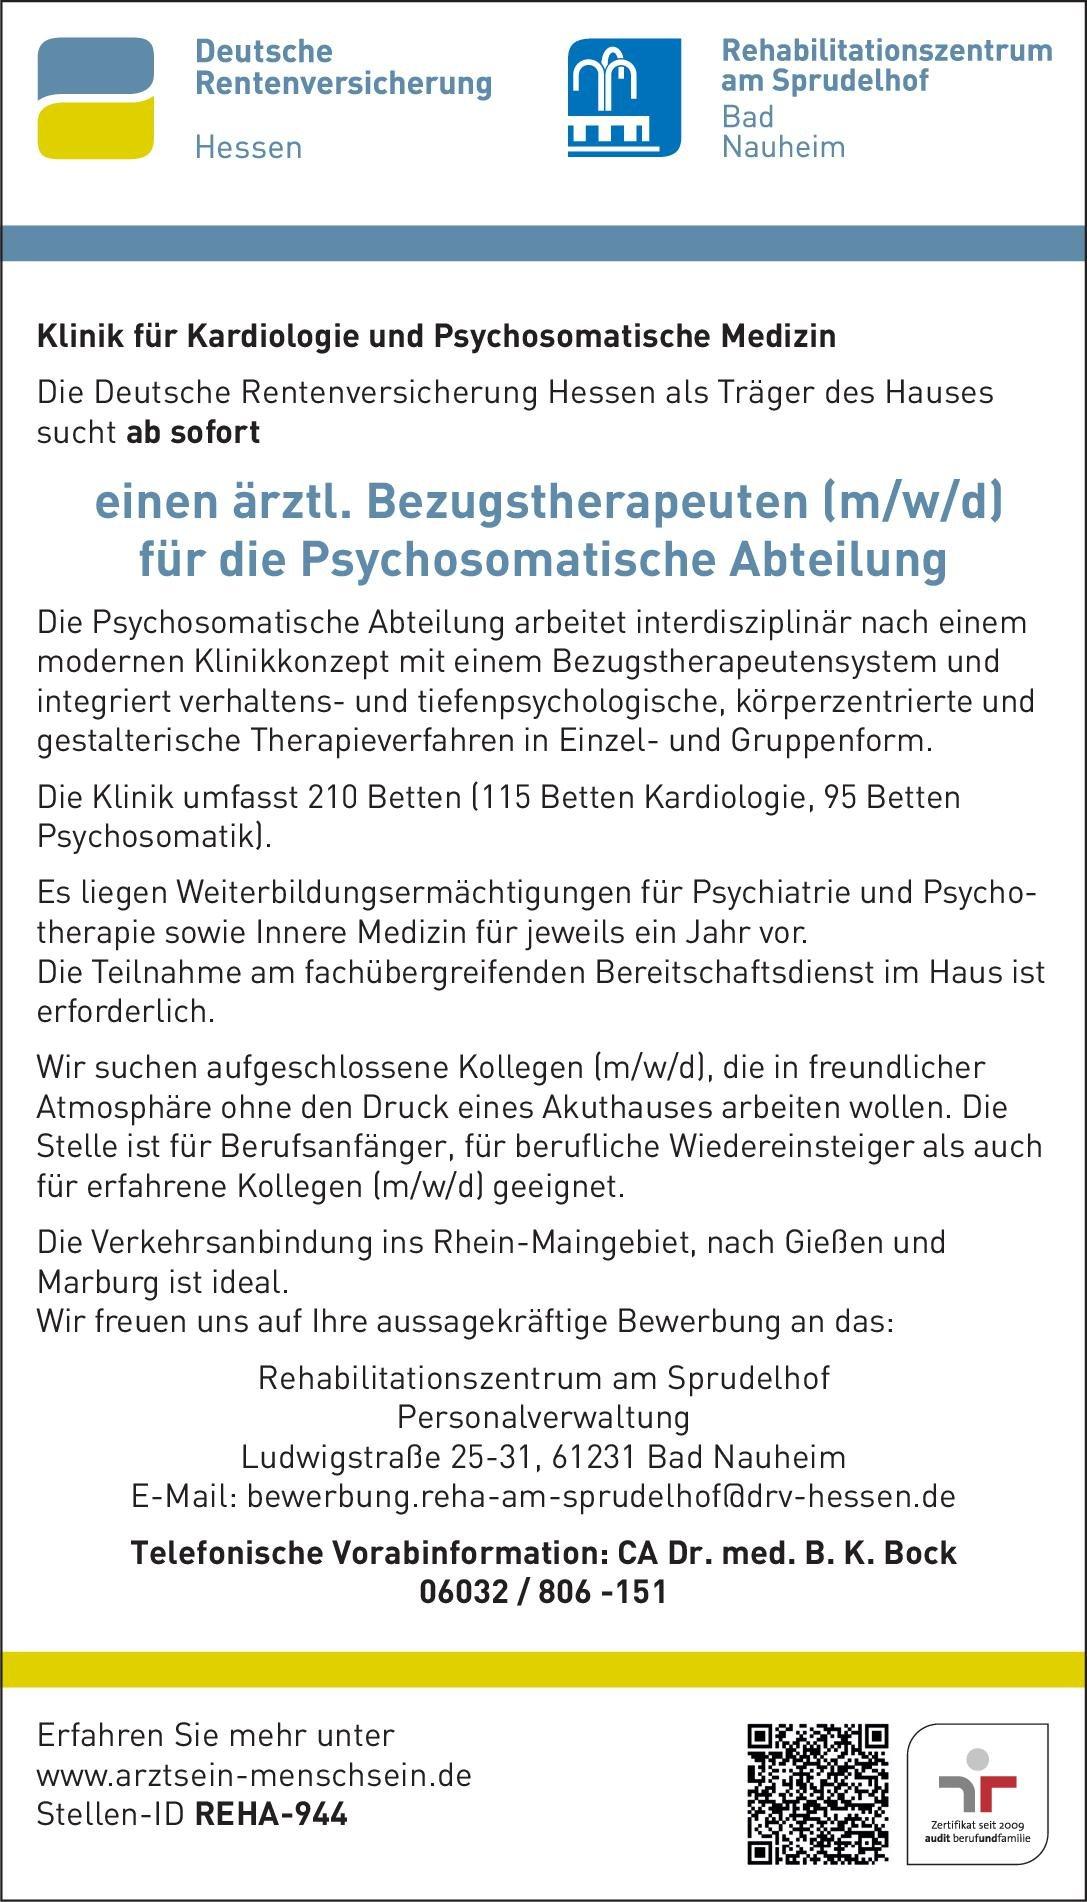 DRV Hessen - Rehabilitationszentrum am Sprudelhof Ärztl. Bezugstherapeut (m/w/d) für die Psychosomatische Abteilung Psychosomatische Medizin und Psychotherapie Arzt / Facharzt